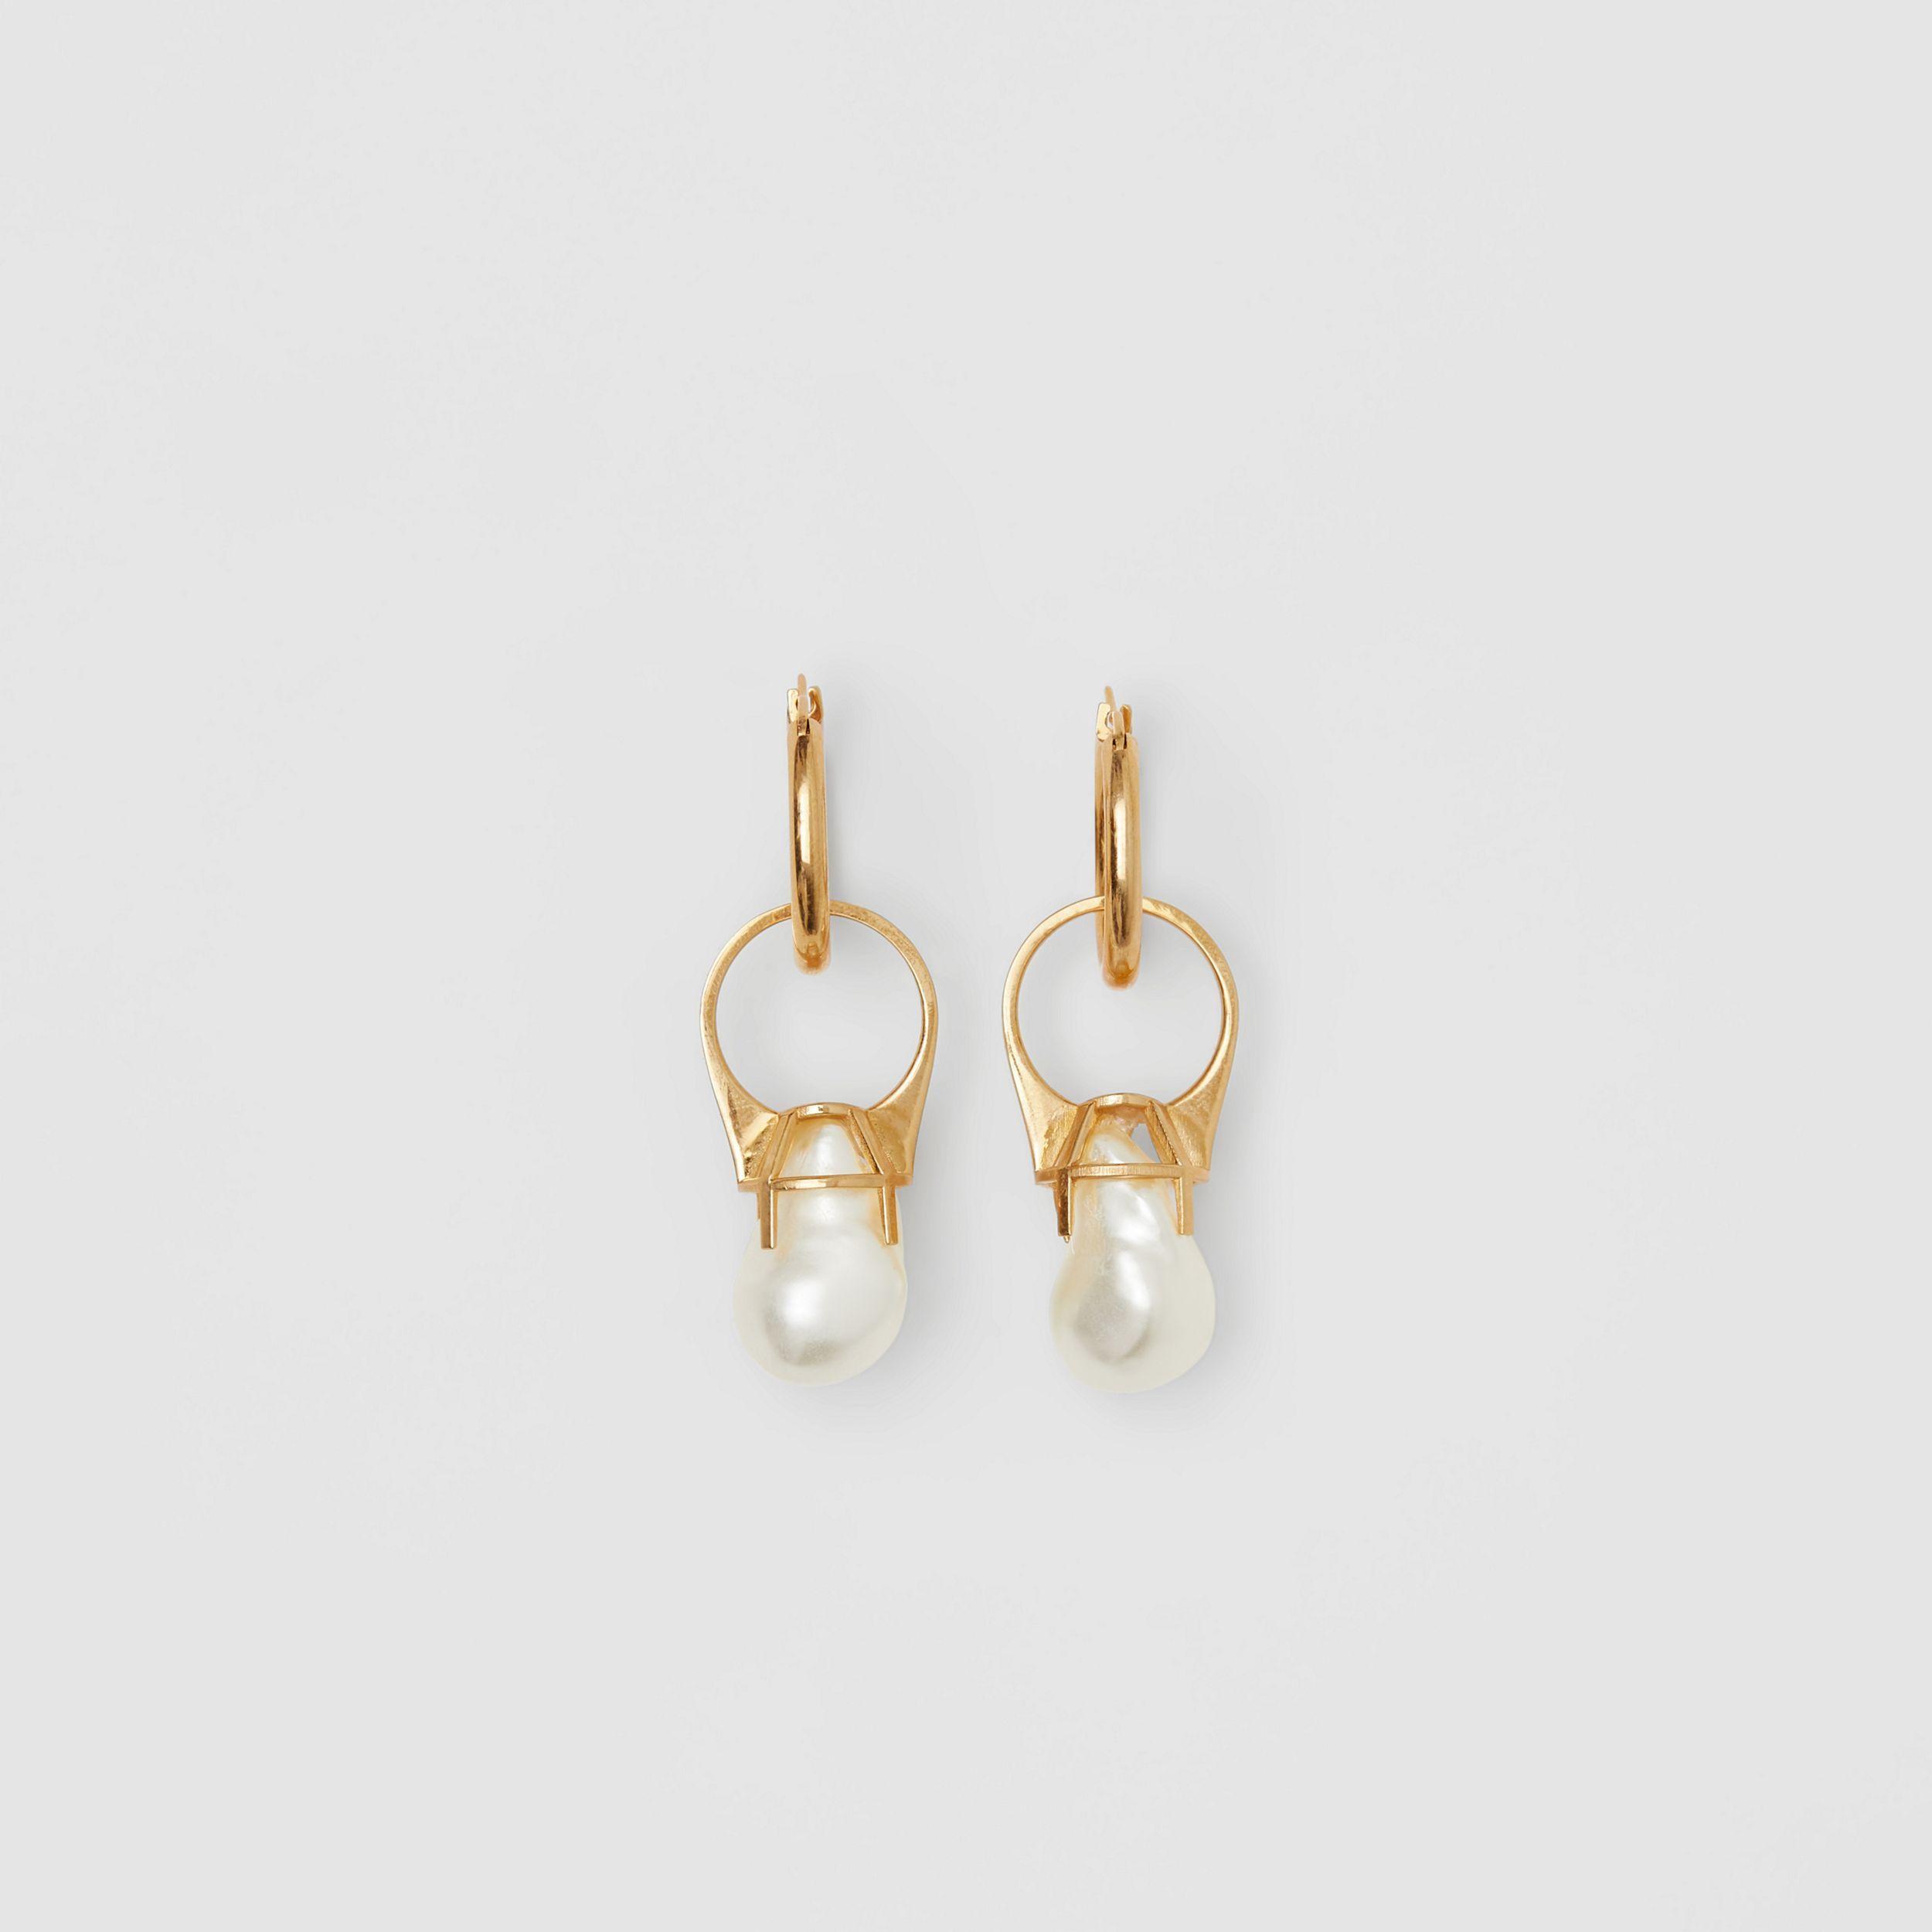 nature earrings studs earrings small black drops post earrings resin earrings real flower jewelry Tiny stud earrings tear drop earrings